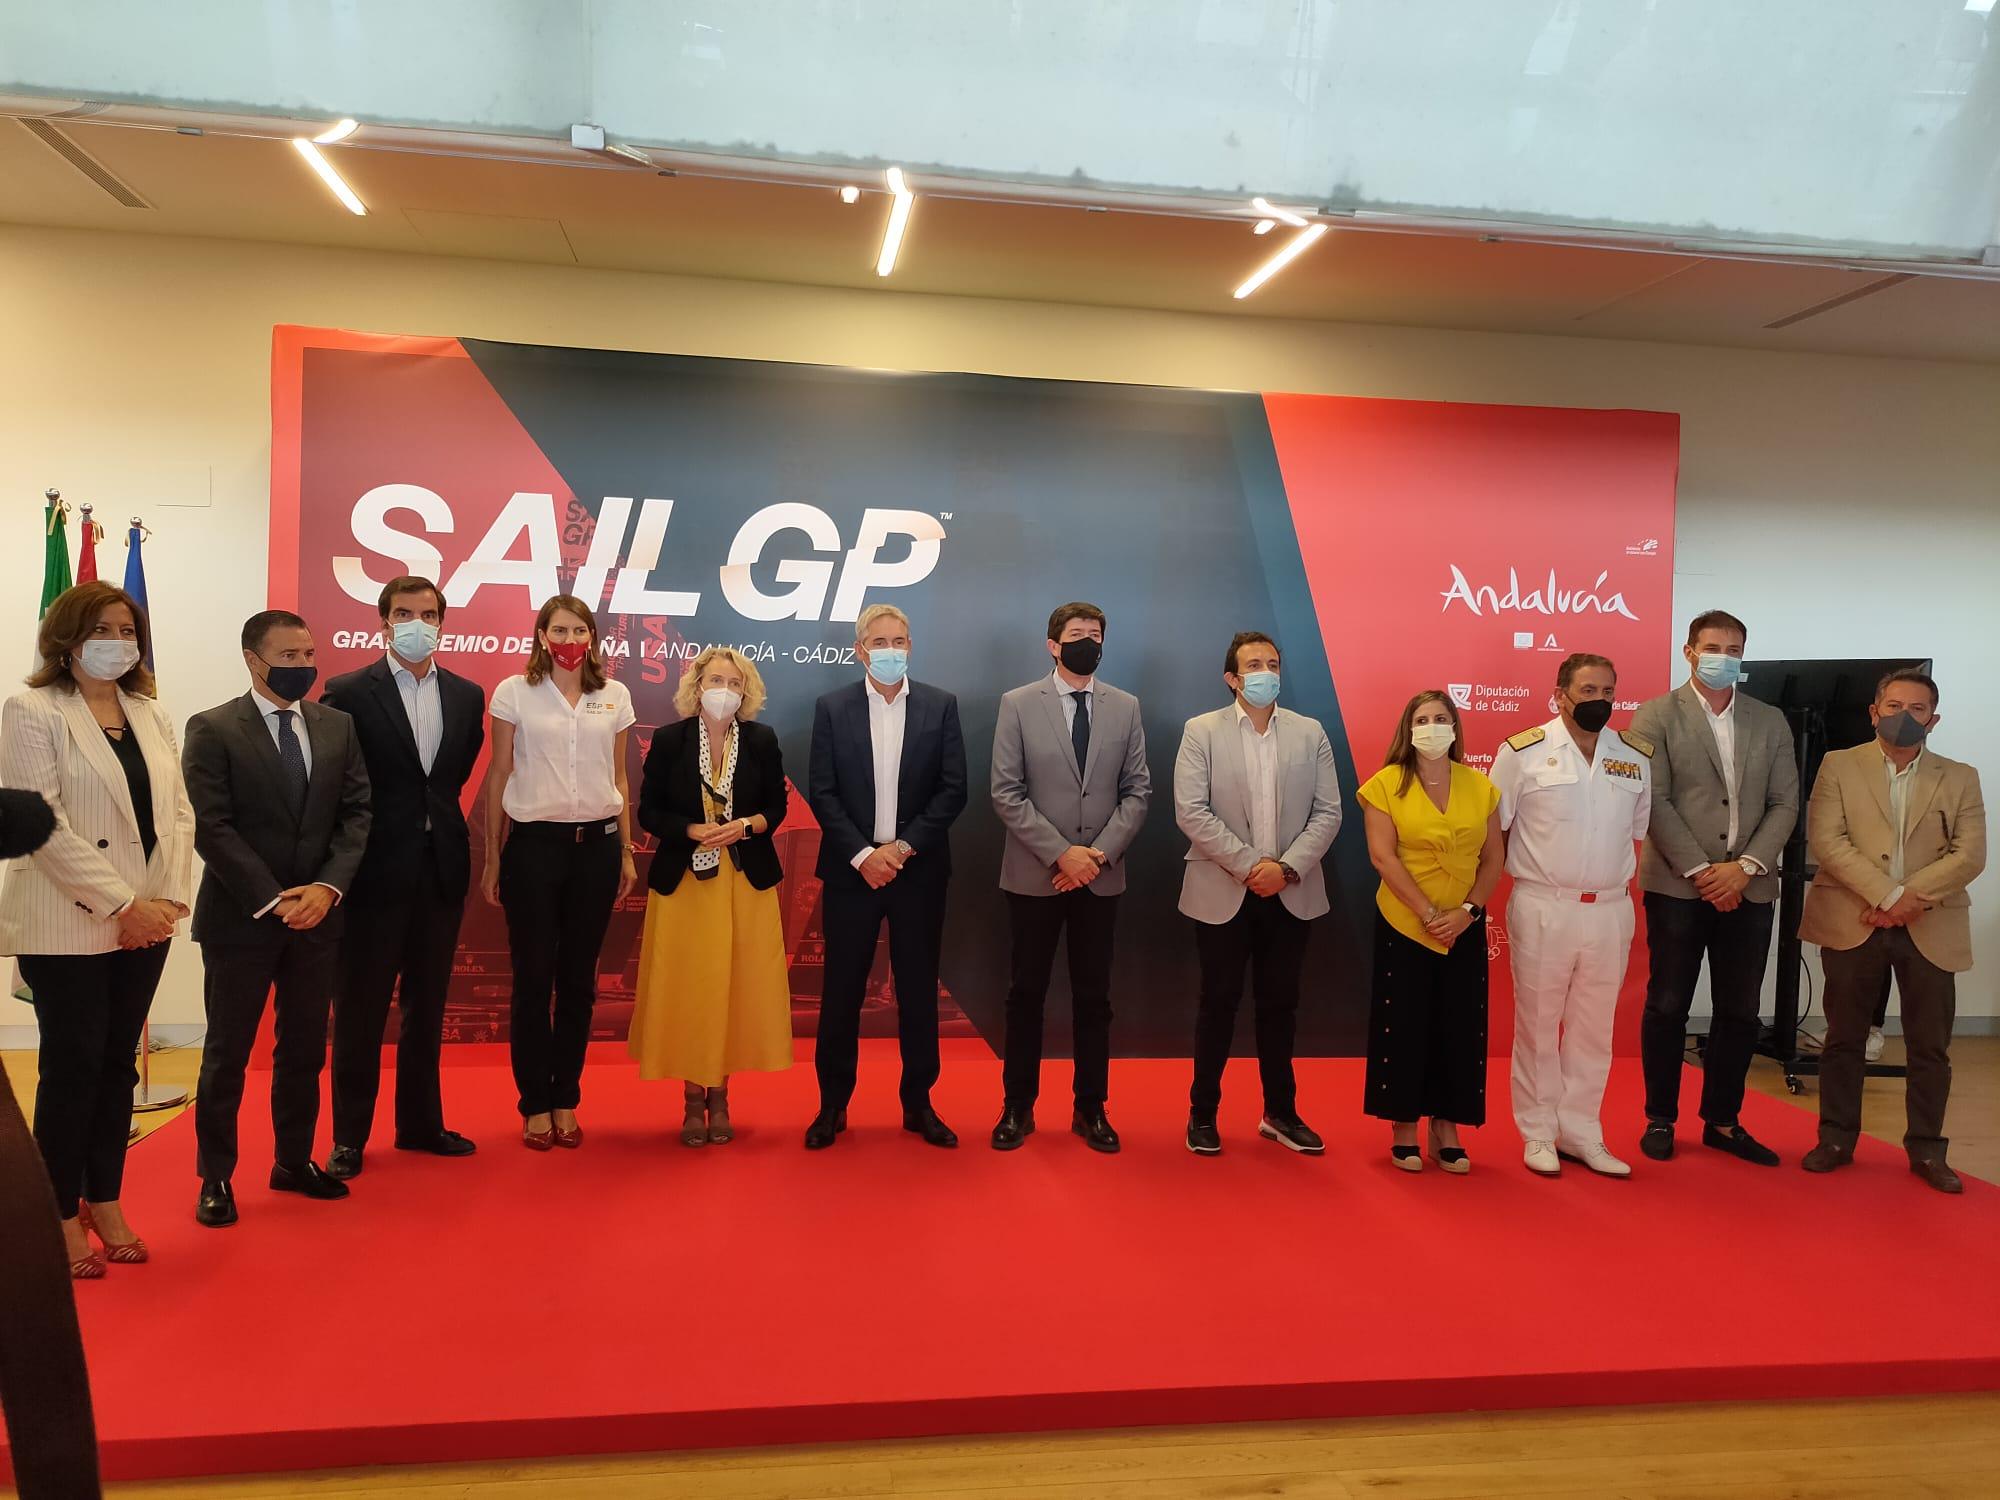 Gran Premio De España-Andalucía De Sail GP